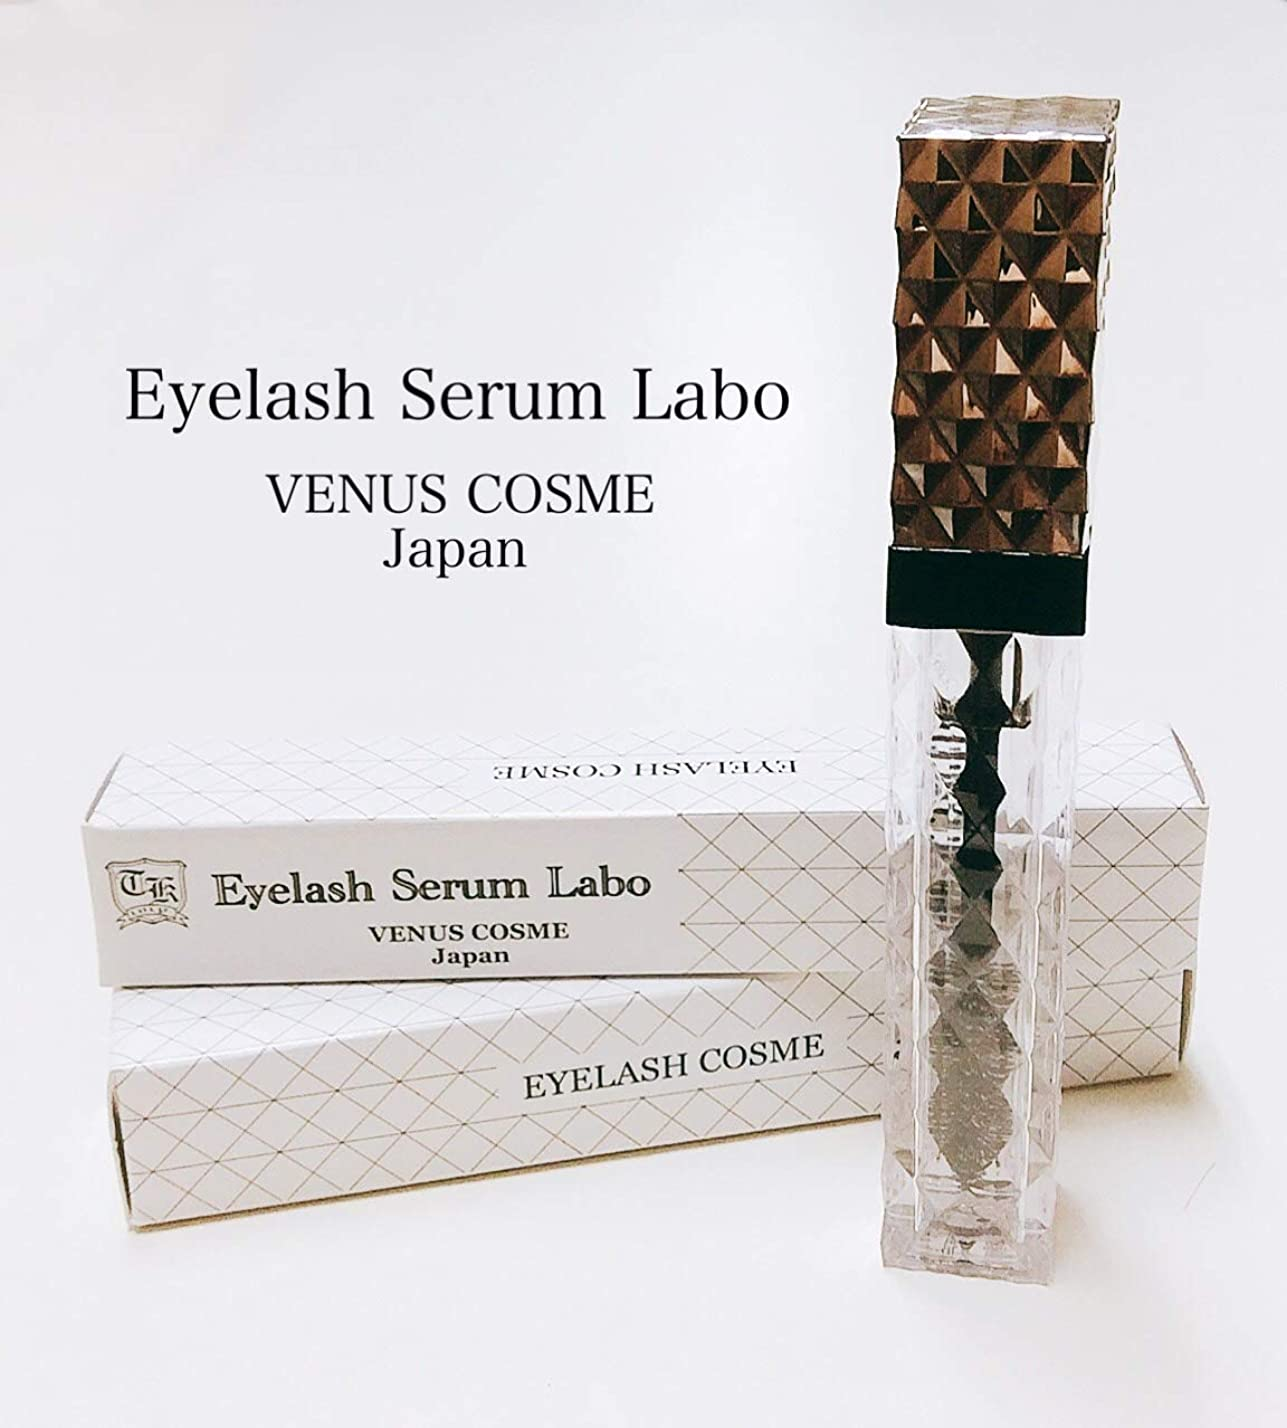 見通し制約インストラクターVENUS COSME Eyelash Seramu Labo アイラッシュセラムラボ 5ml